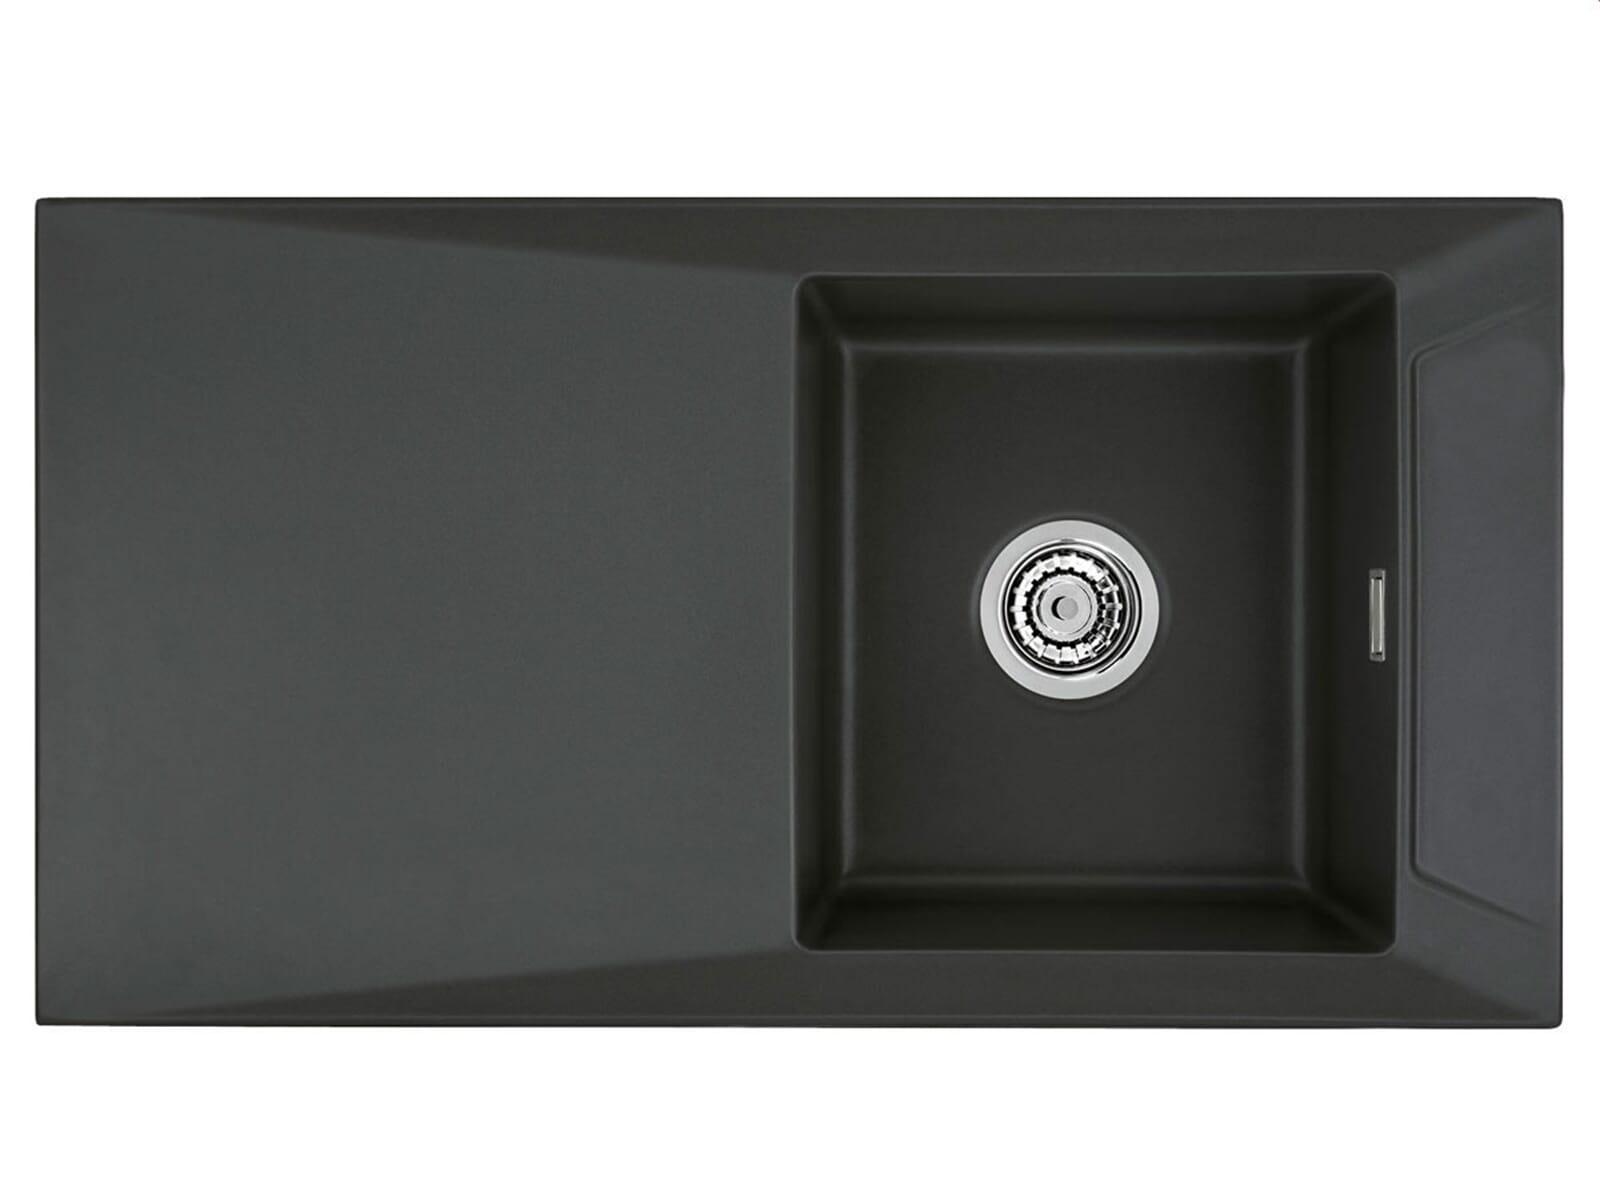 Systemceram Siro 90 Schiefer Keramikspüle Excenterbetätigung